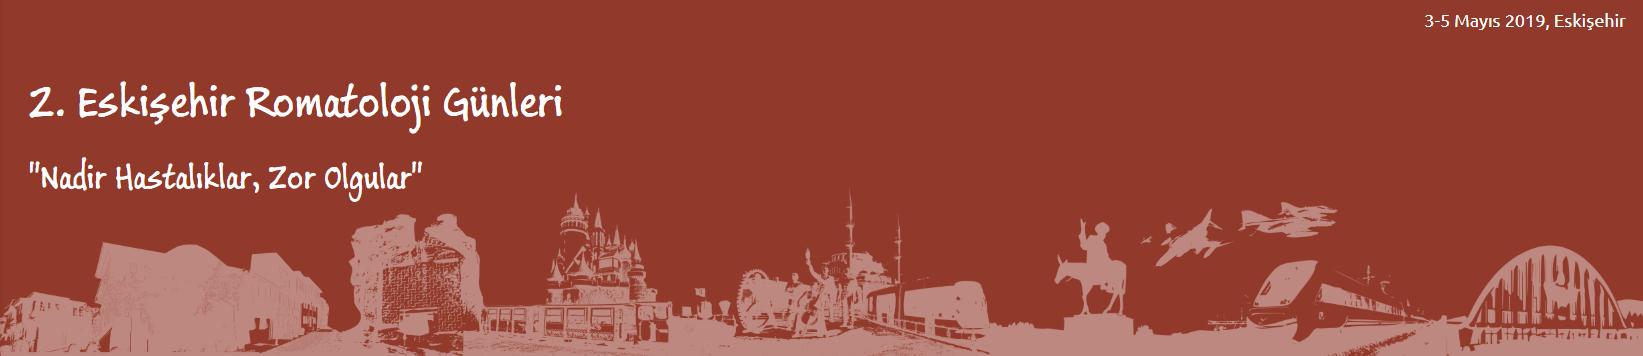 2. Eskişehir Romatoloji Günleri